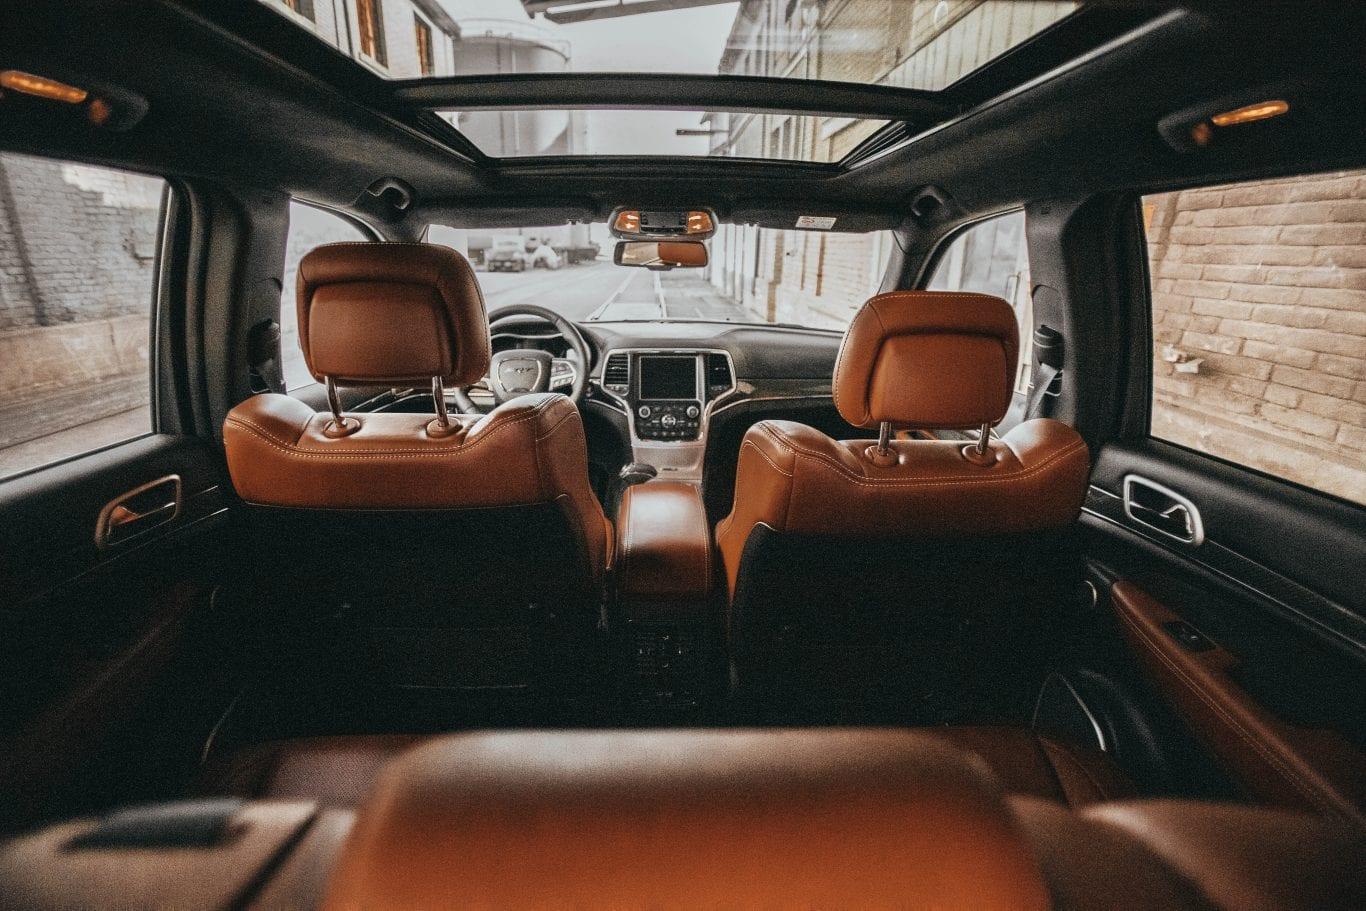 Jeep Grand Cherokee 6.4 SRT8 4×4: Wir sind keine Freunde - Auto Kunz AG 103